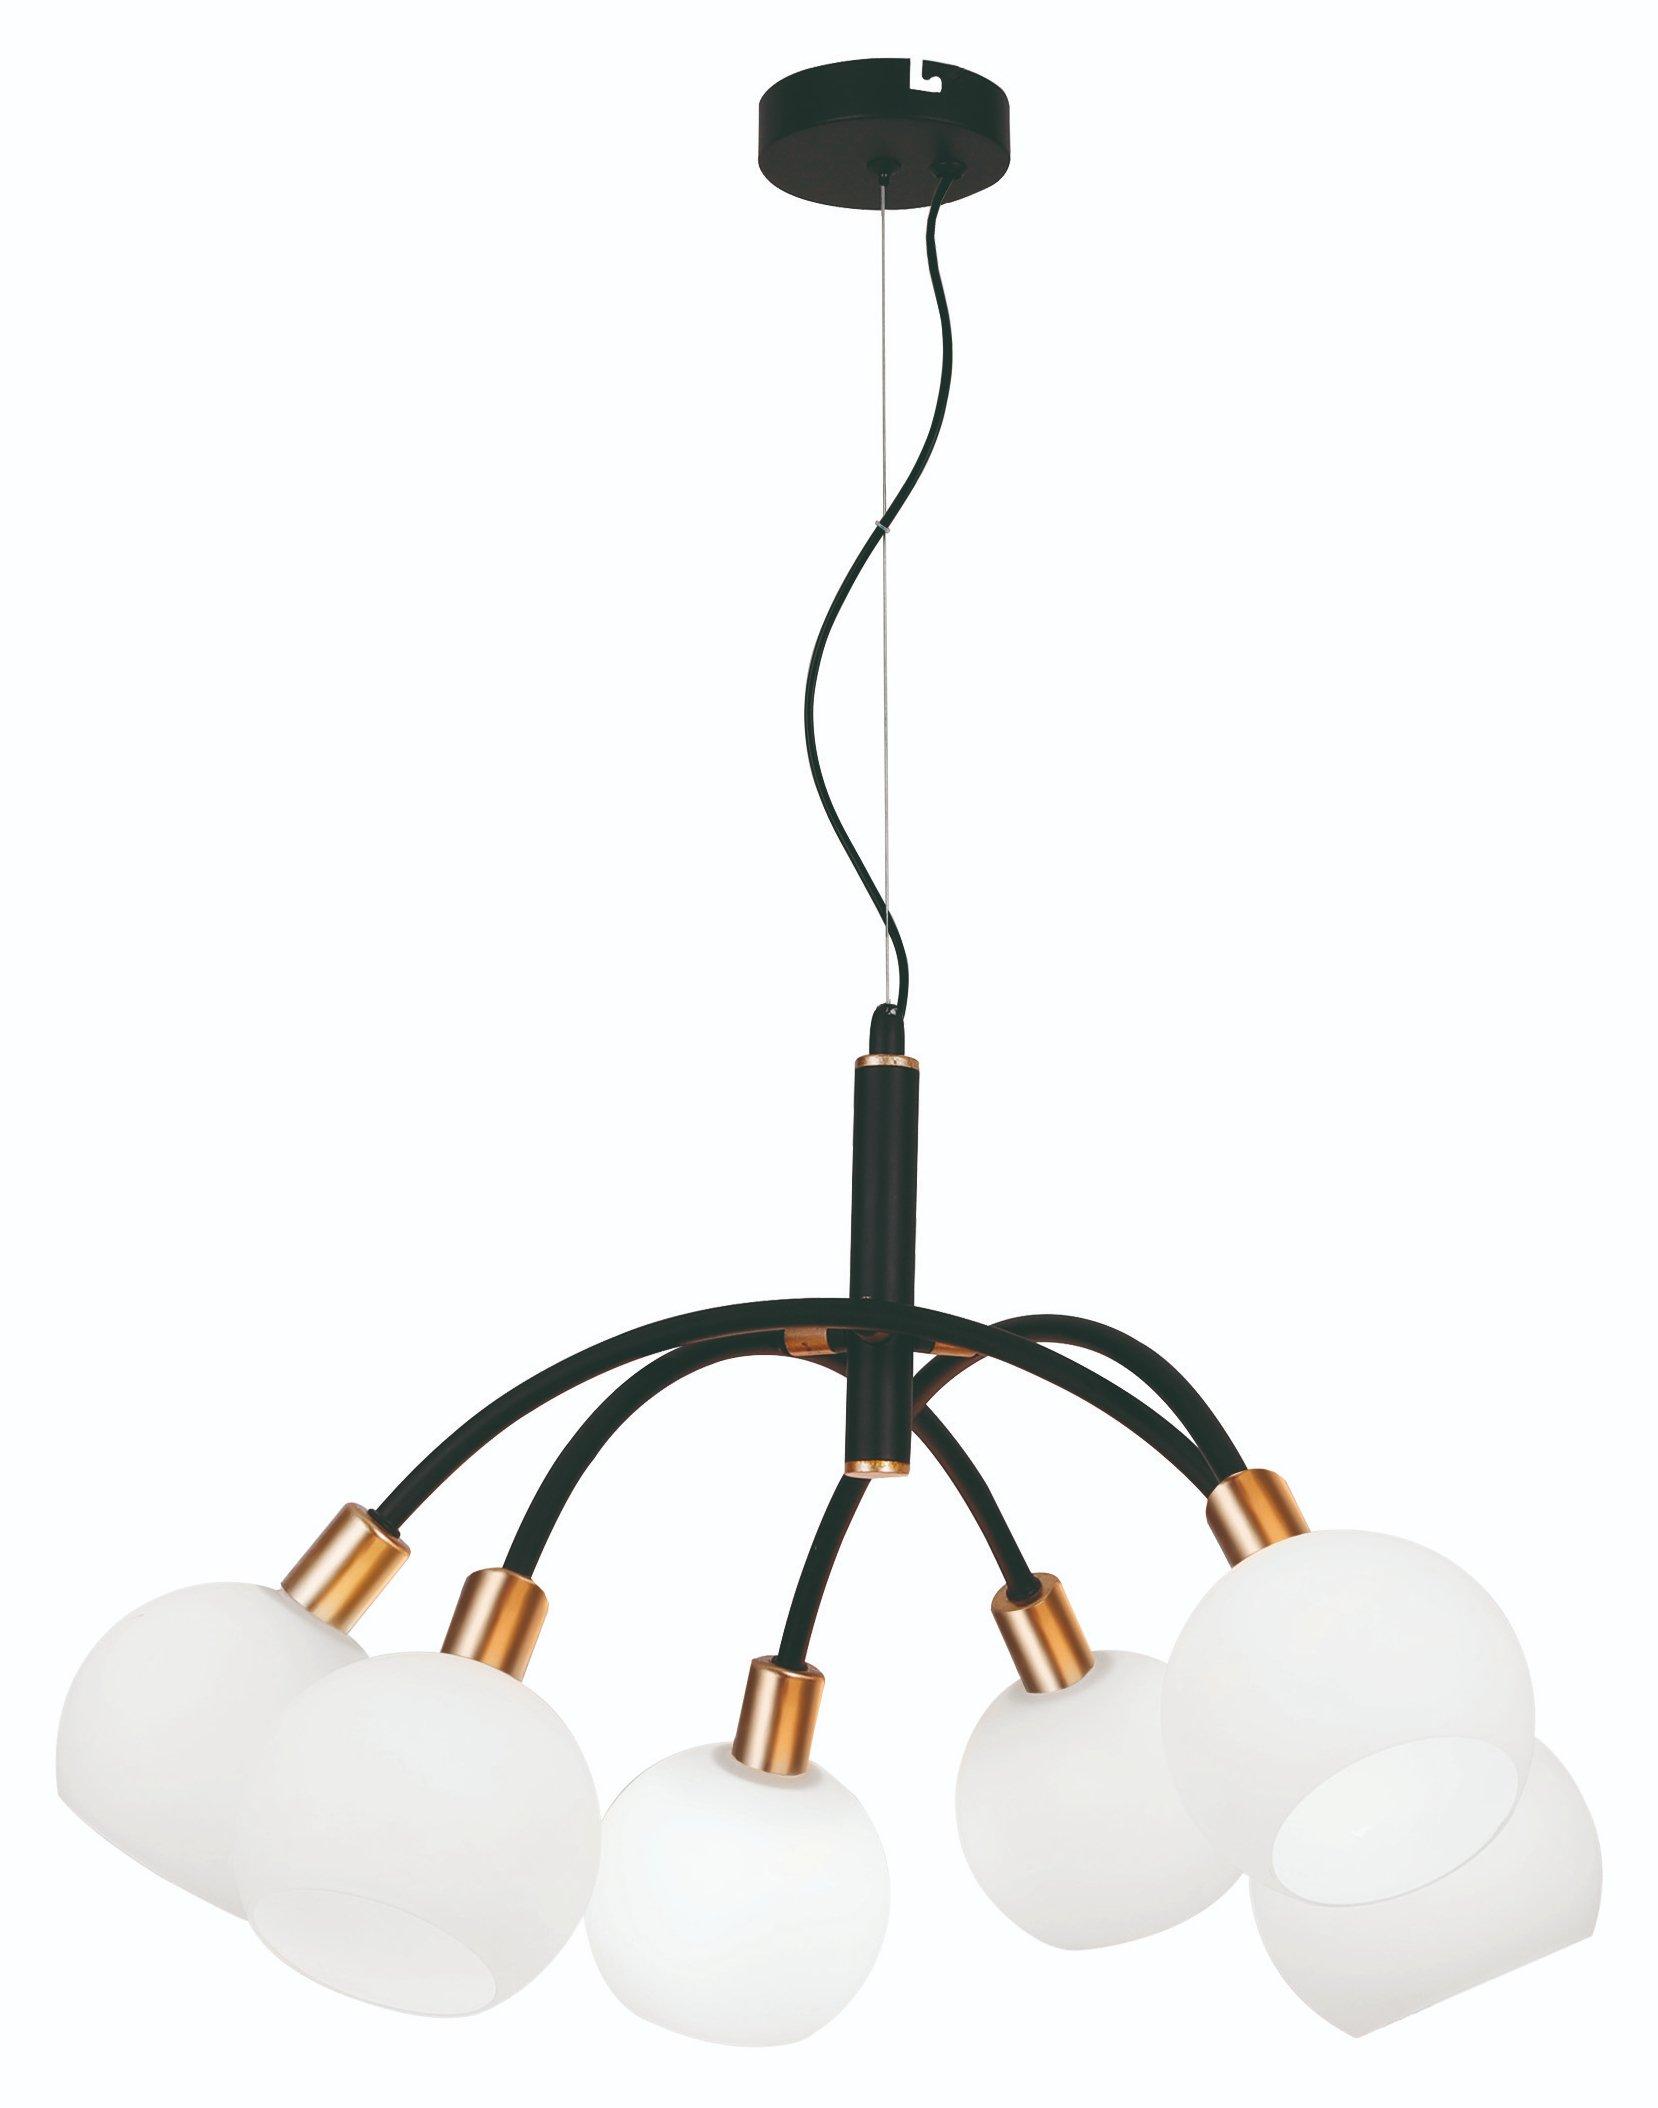 Φωτιστικό οροφής Viokef Elisa 6φωτο